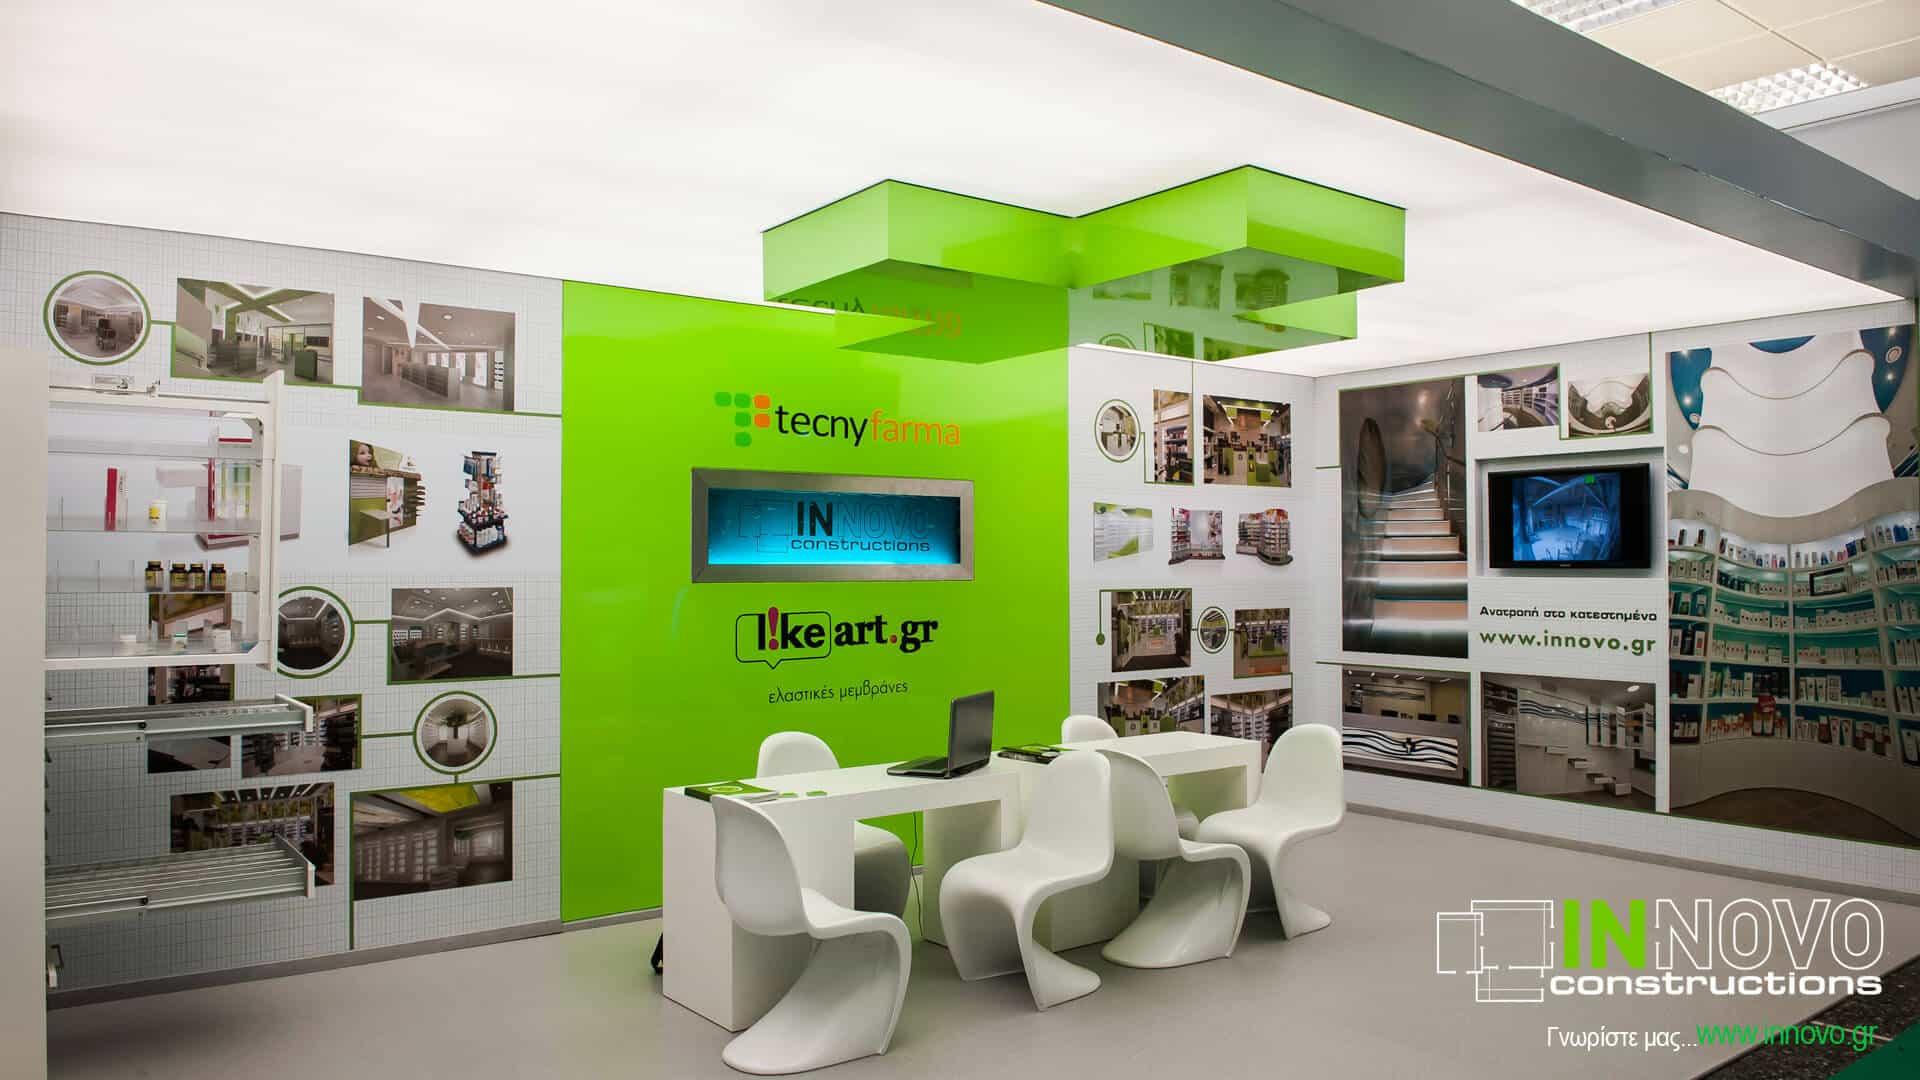 kataskevi-peripterou-exhibition-stand-construction-periptero-mas-hellaspharm2012-3